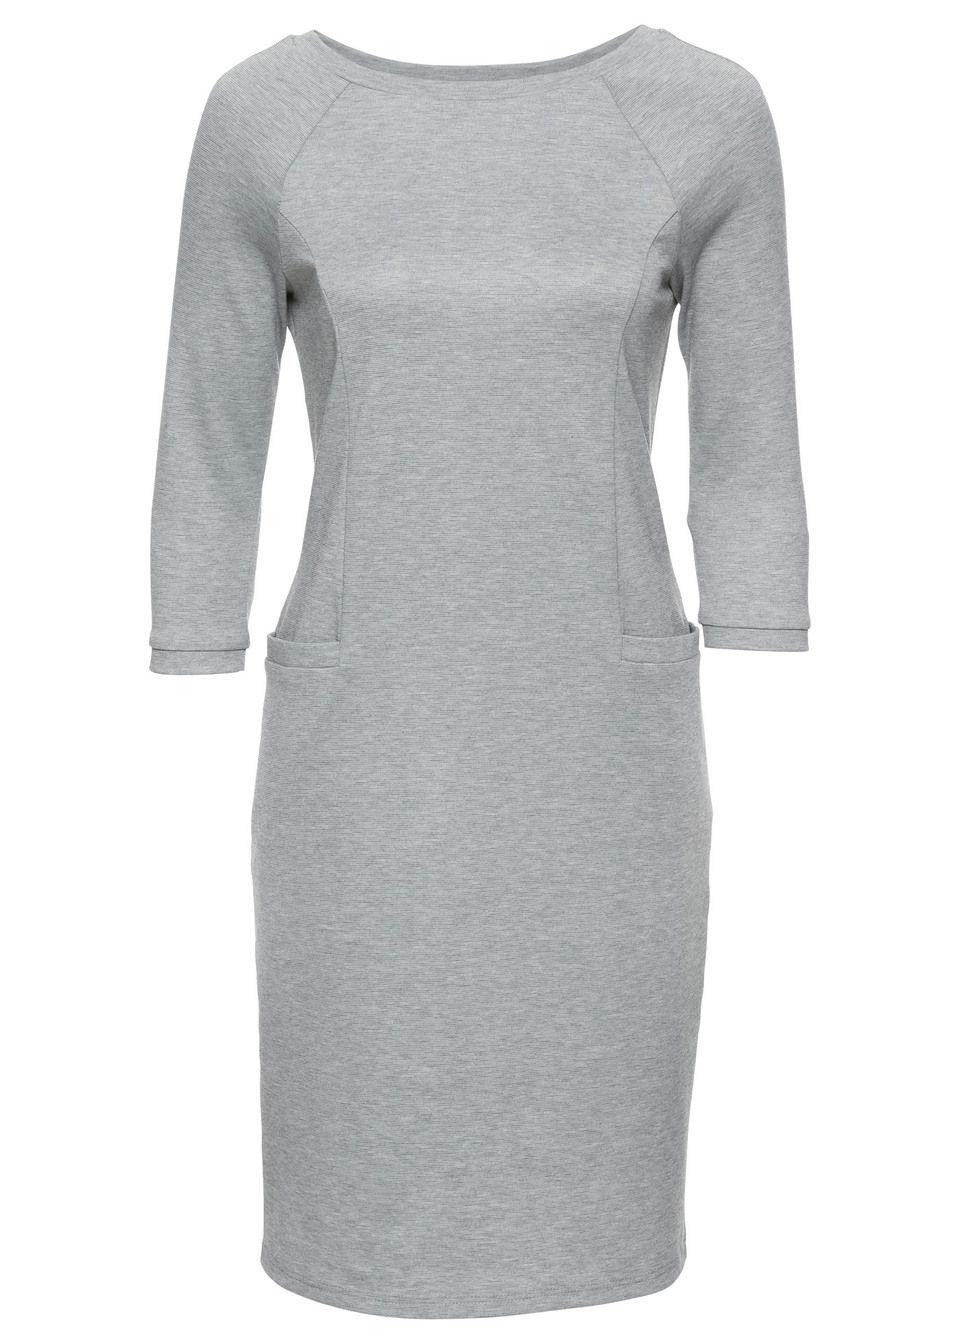 018987b60727 Šaty sivá melírovaná Ženský • 22.99 € • bonprix